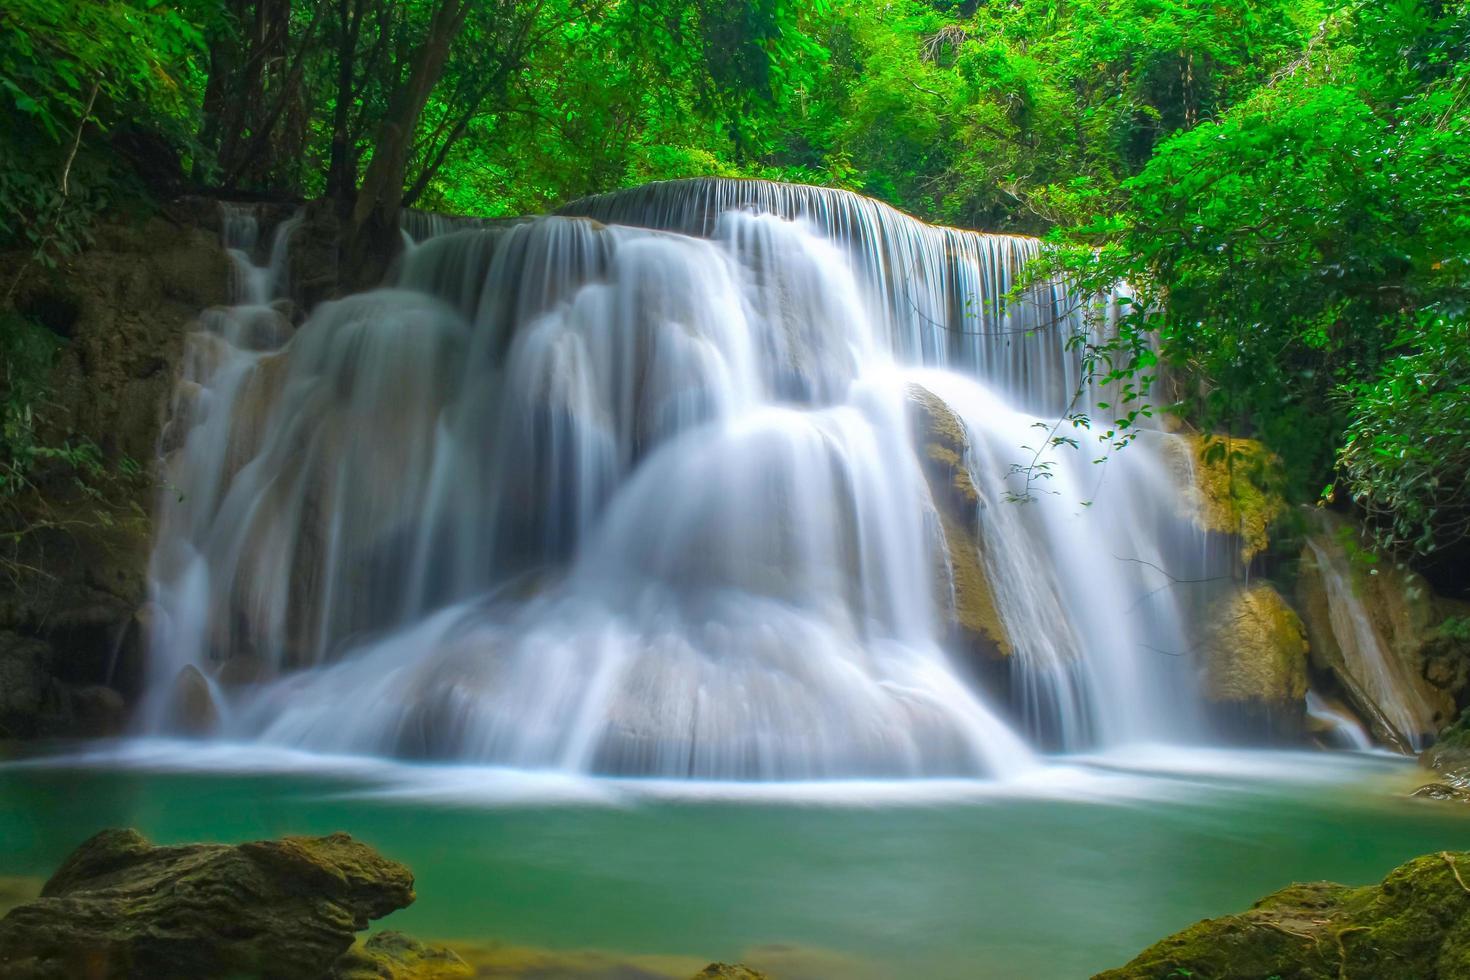 bella cascata in una foresta pluviale foto